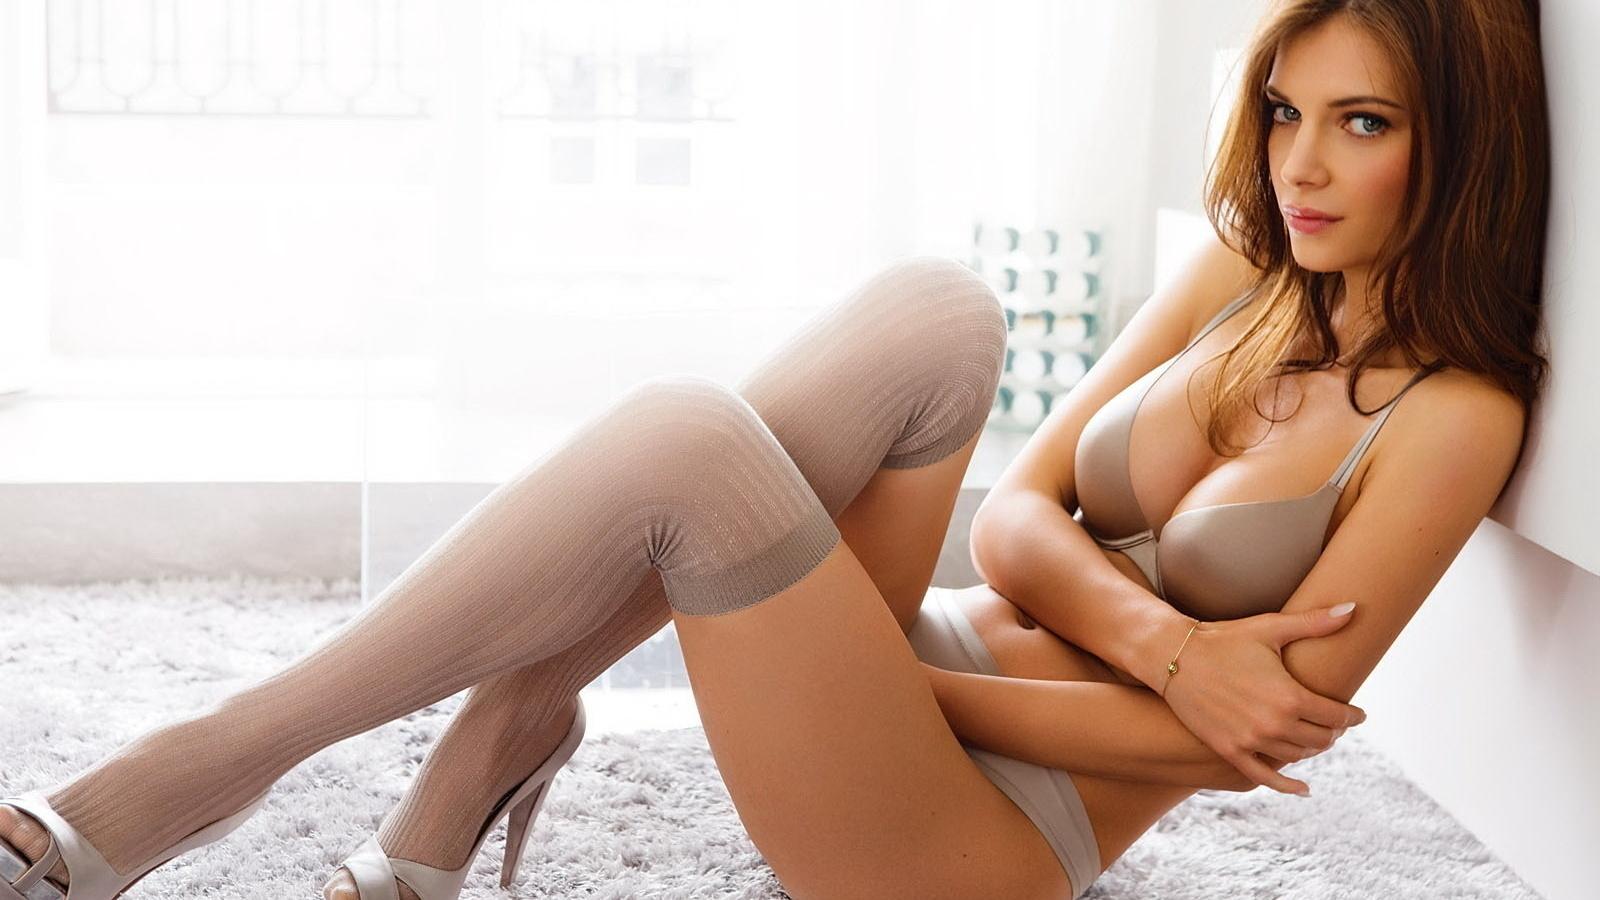 Сексуальные фото девушки hd